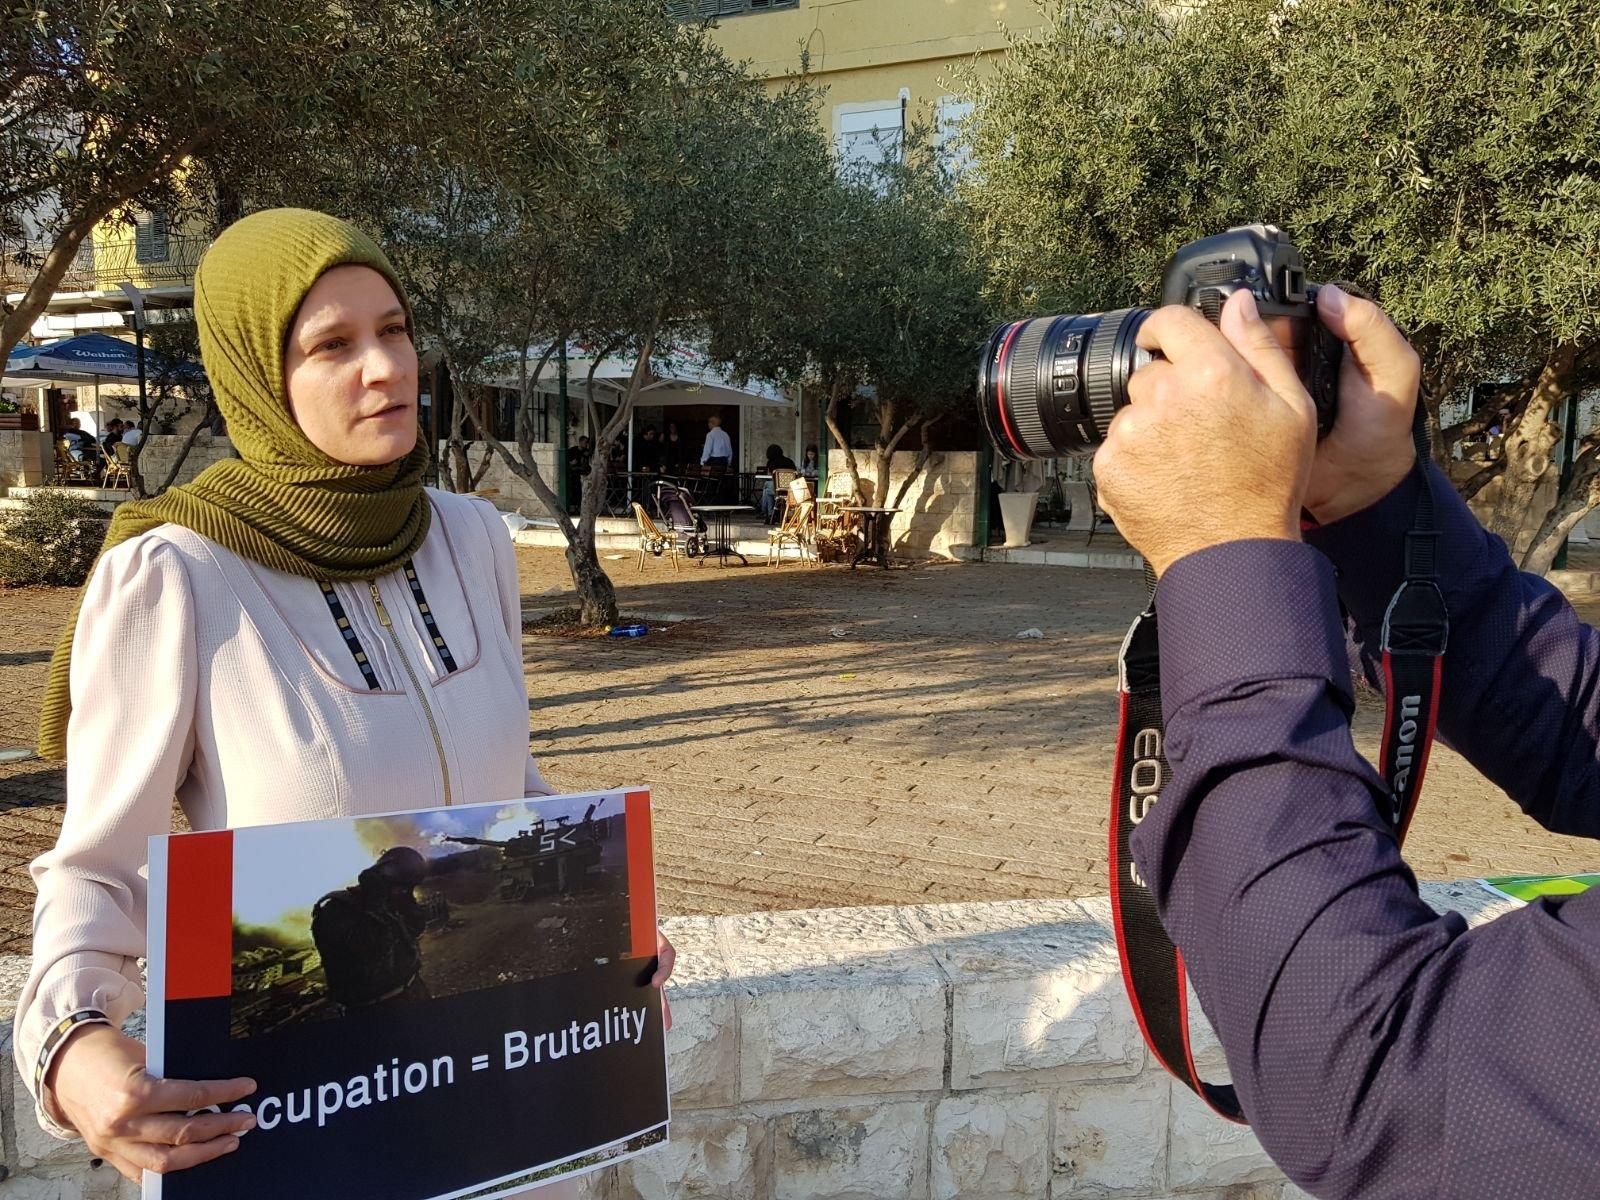 الوفاء والإصلاح في 'وقفة كرامة' انتصارا لإمرأة الفلسطينية